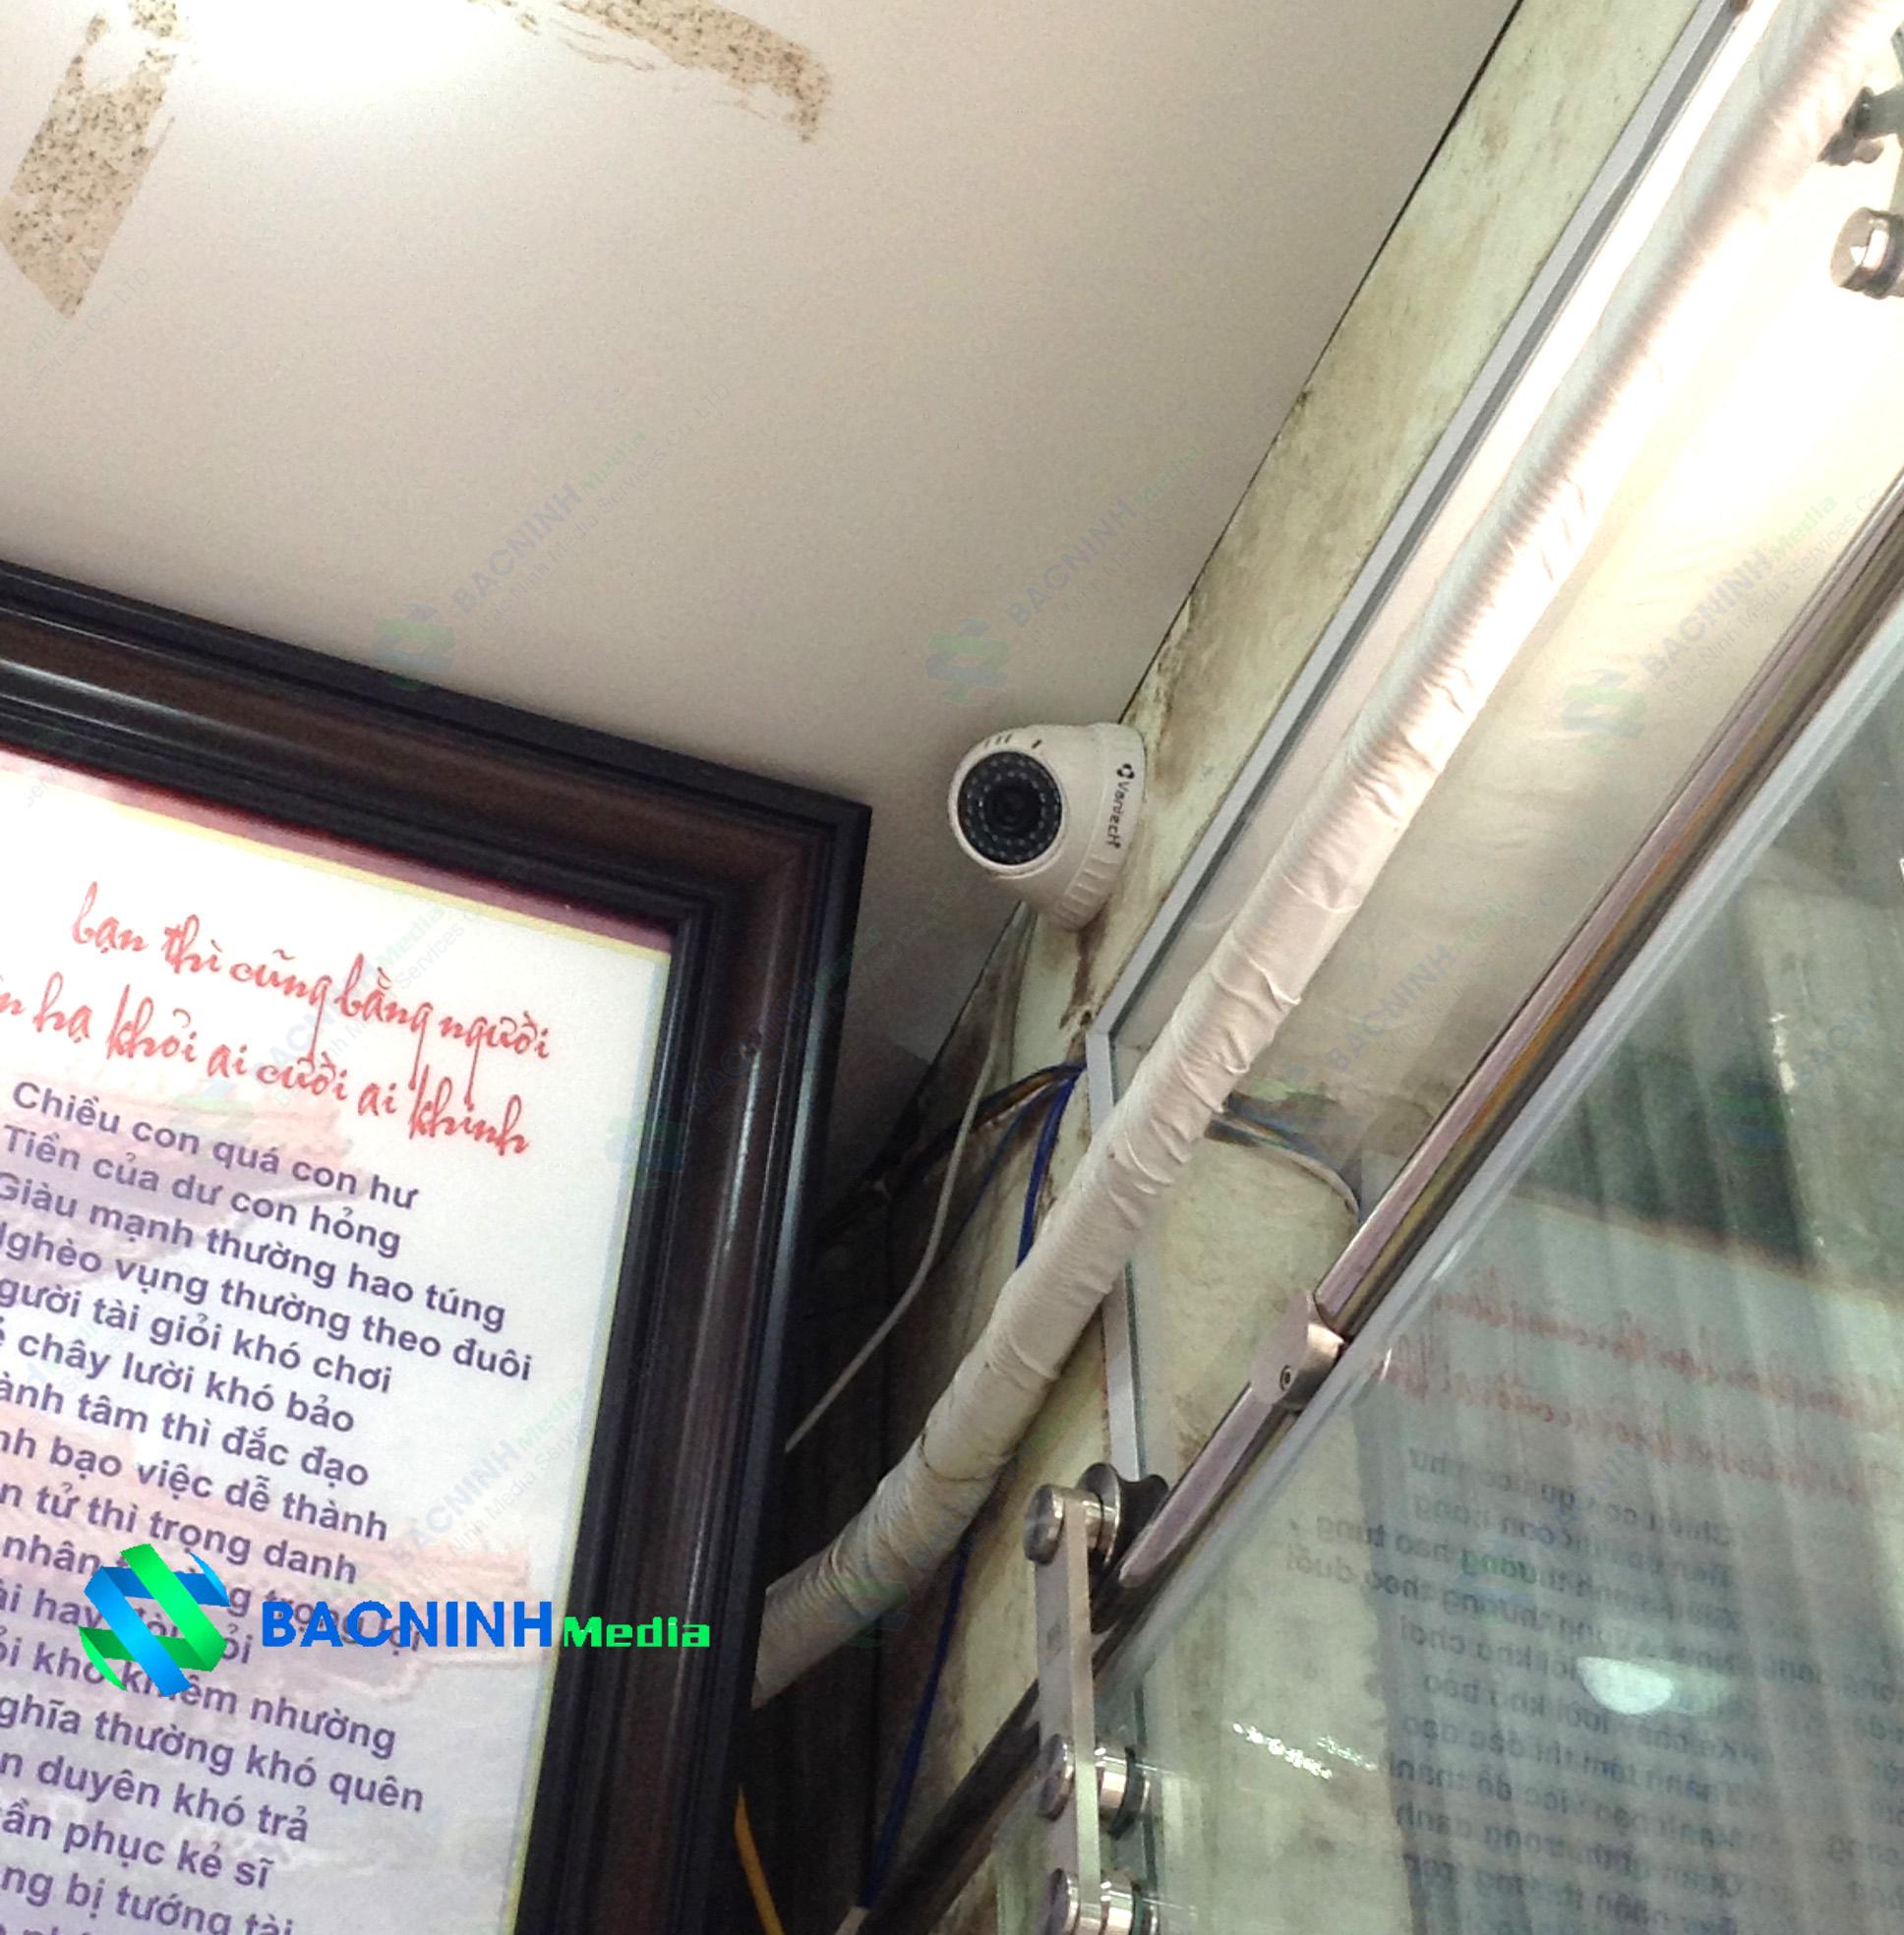 Hệ thống camera quan sát nhà xưởng và hộ gia đình